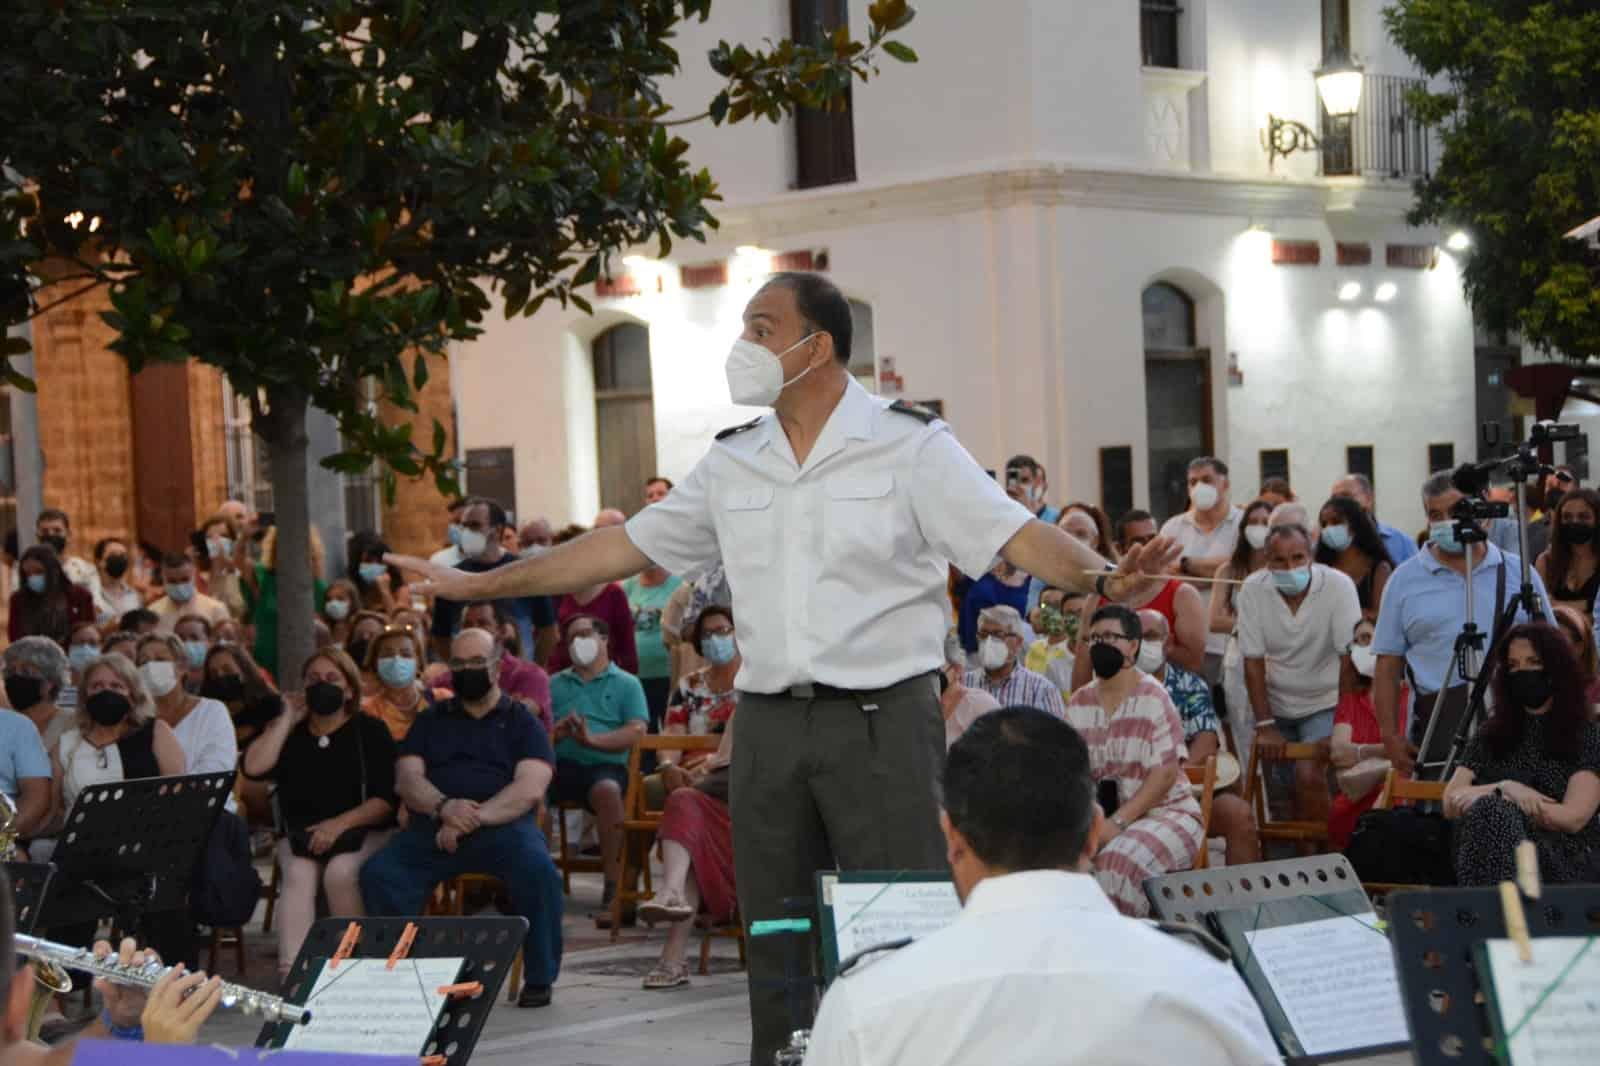 Concierto Agripino Lozano 16-07-2021 - 4